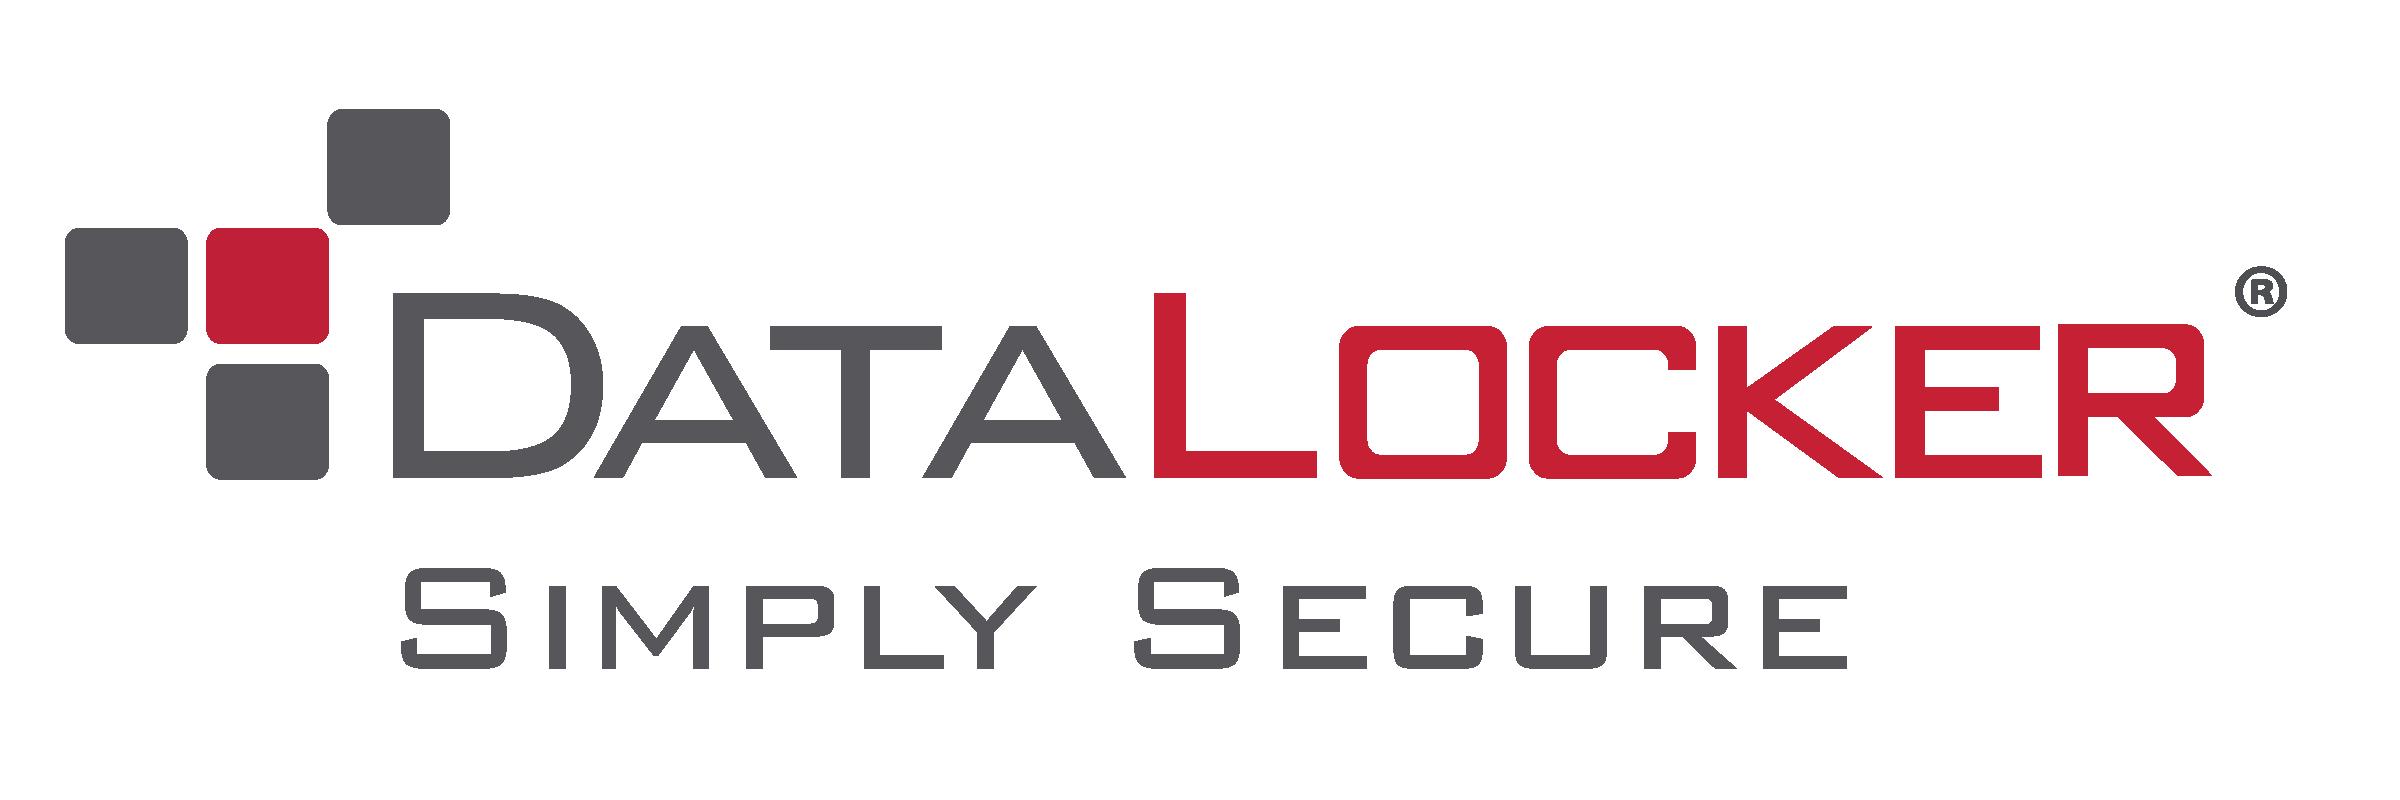 datalocker.png